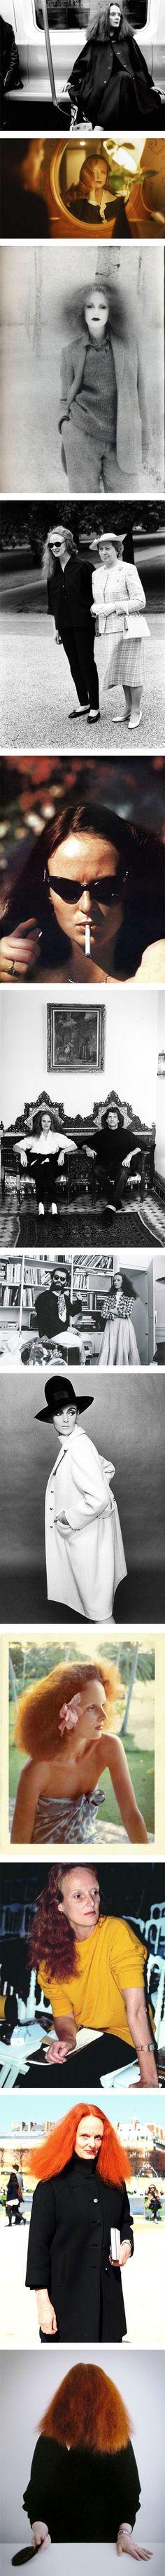 Grace Coddington's best style moments via Nuji.com